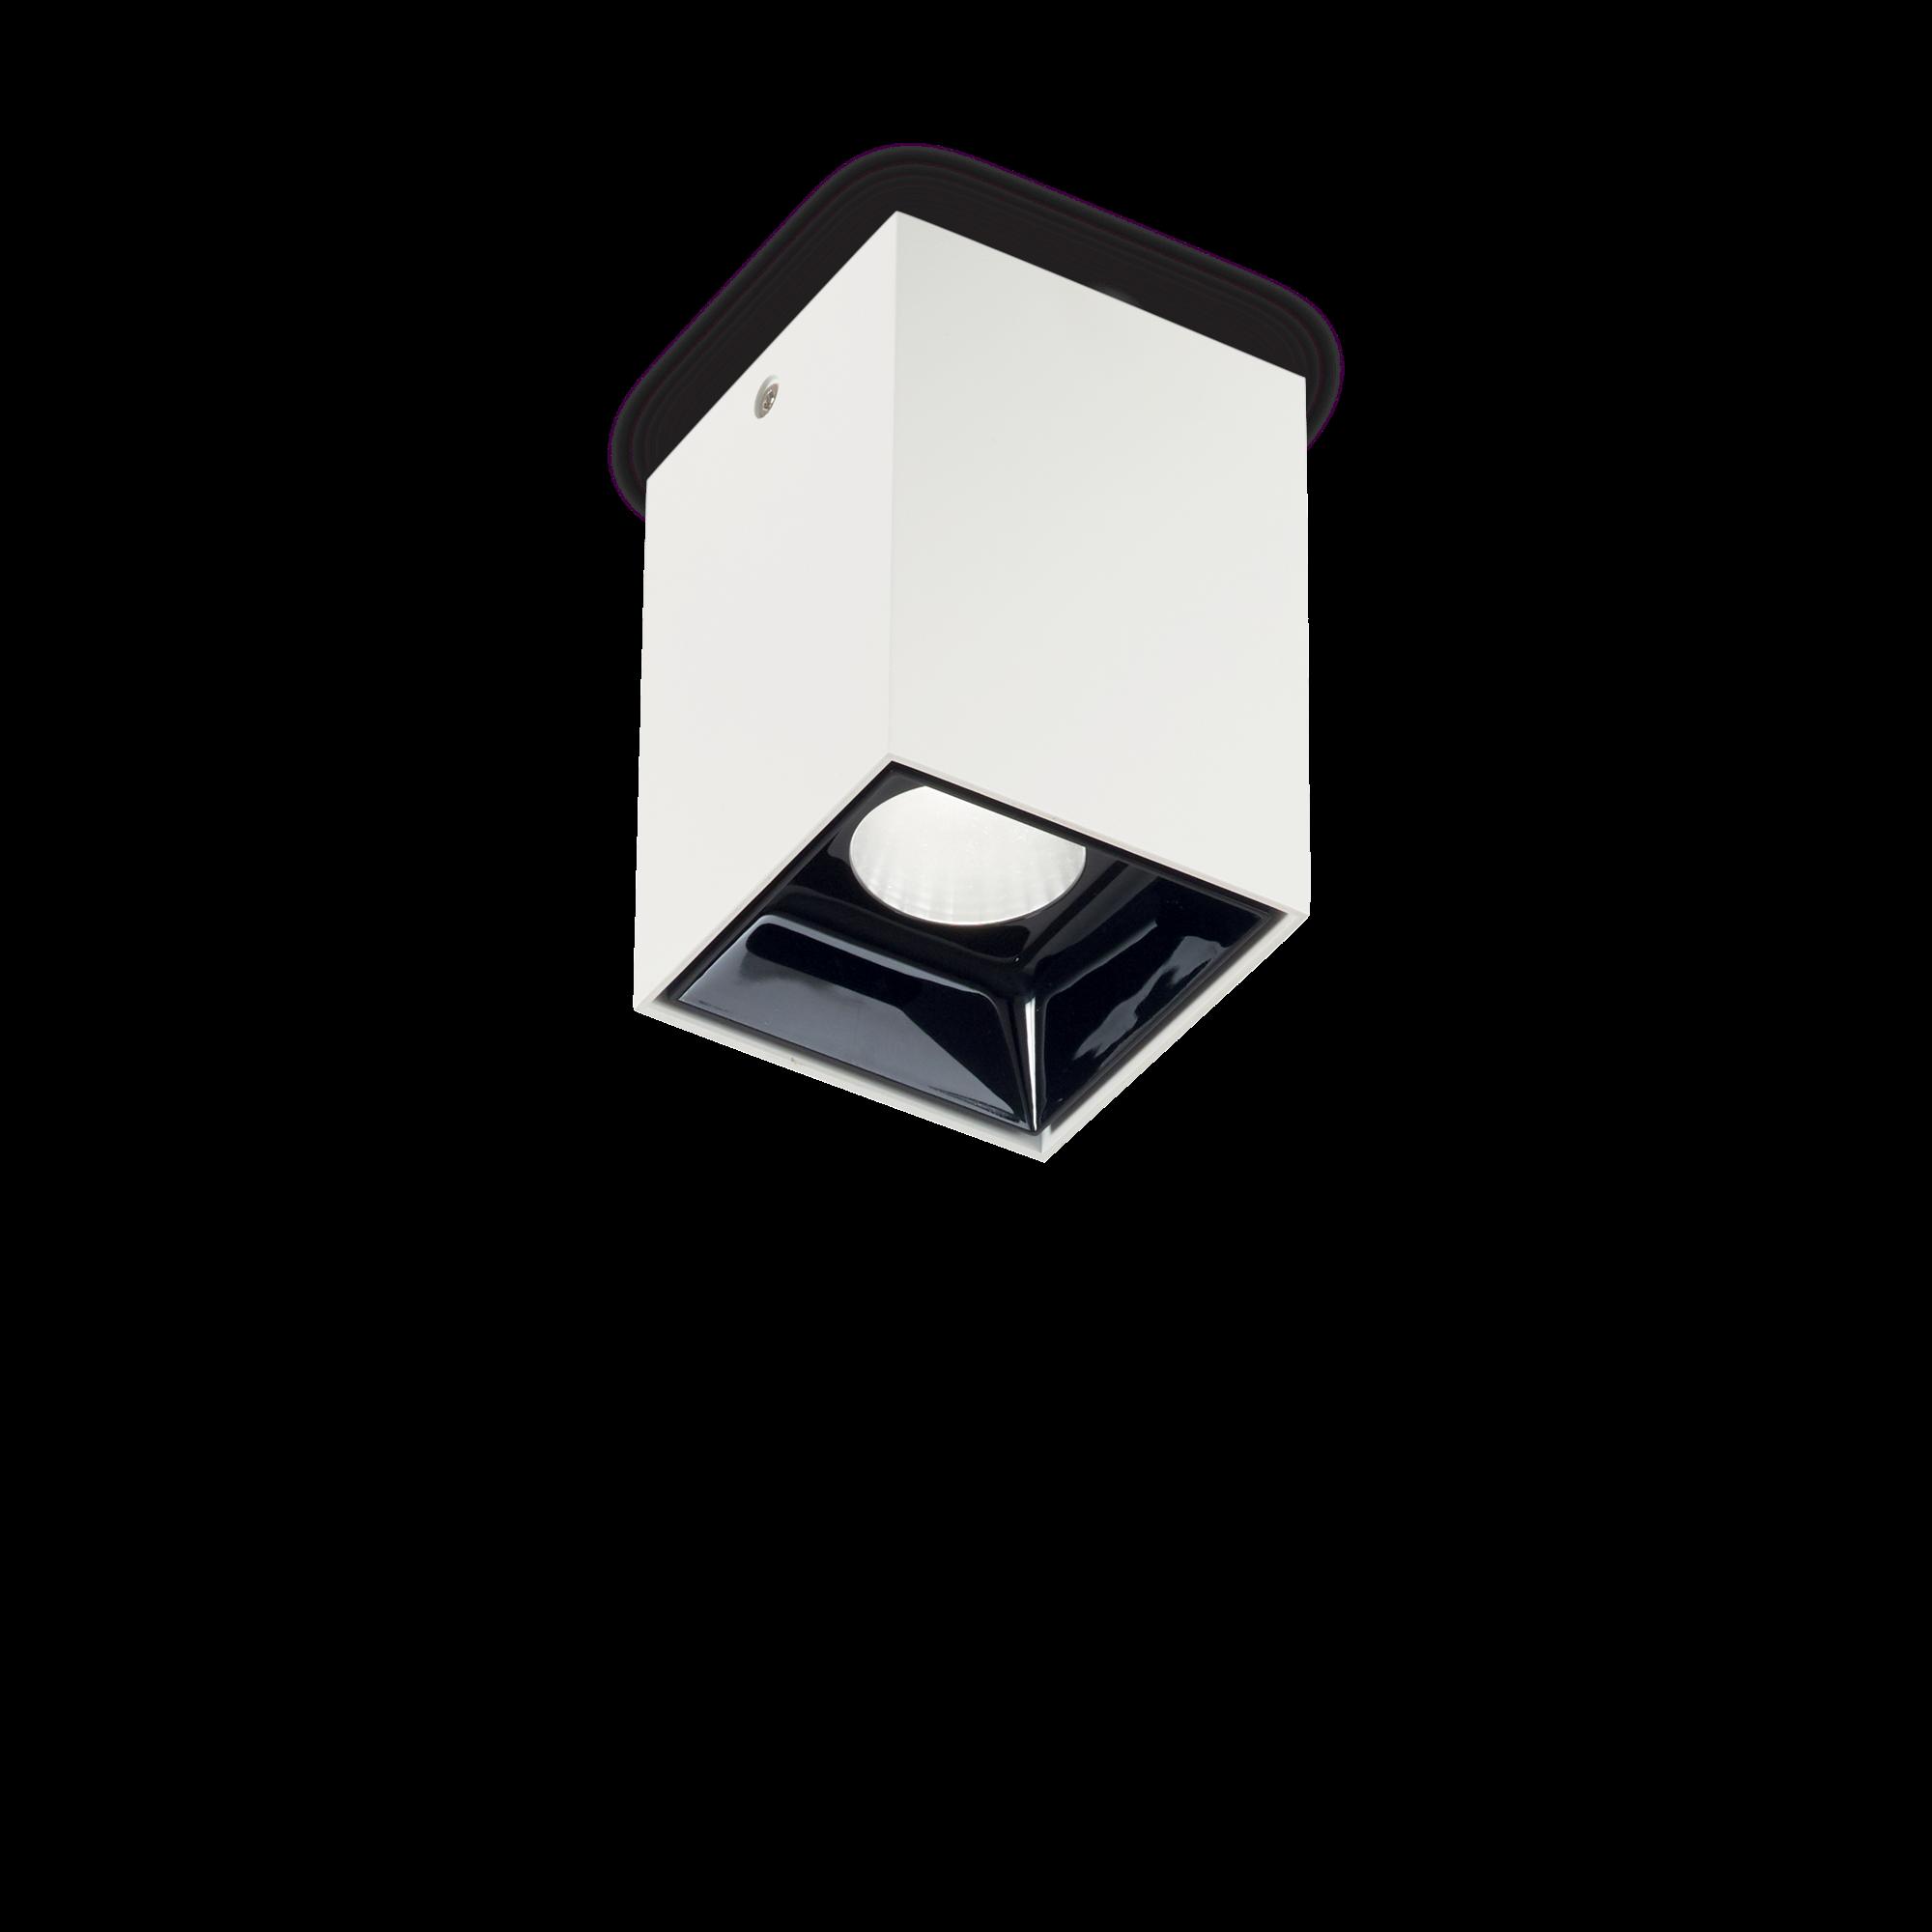 Потолочный светодиодный светильник Ideal Lux NITRO 10W SQUARE BIANCO 206035, LED 10W 3000K 900lm, белый, черно-белый, металл, металл с пластиком - фото 1